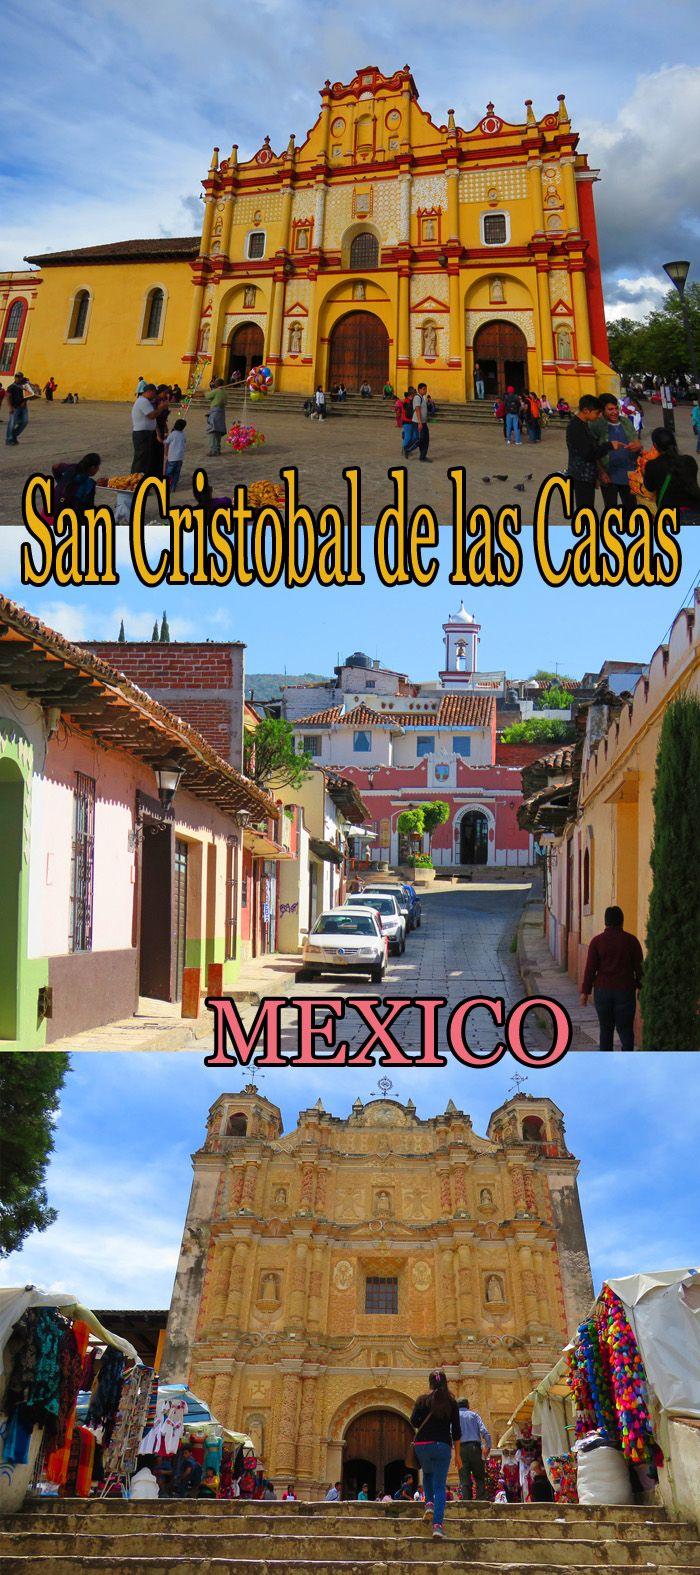 Weather in San Cristobal de las Casas, Chiapas. Mexico